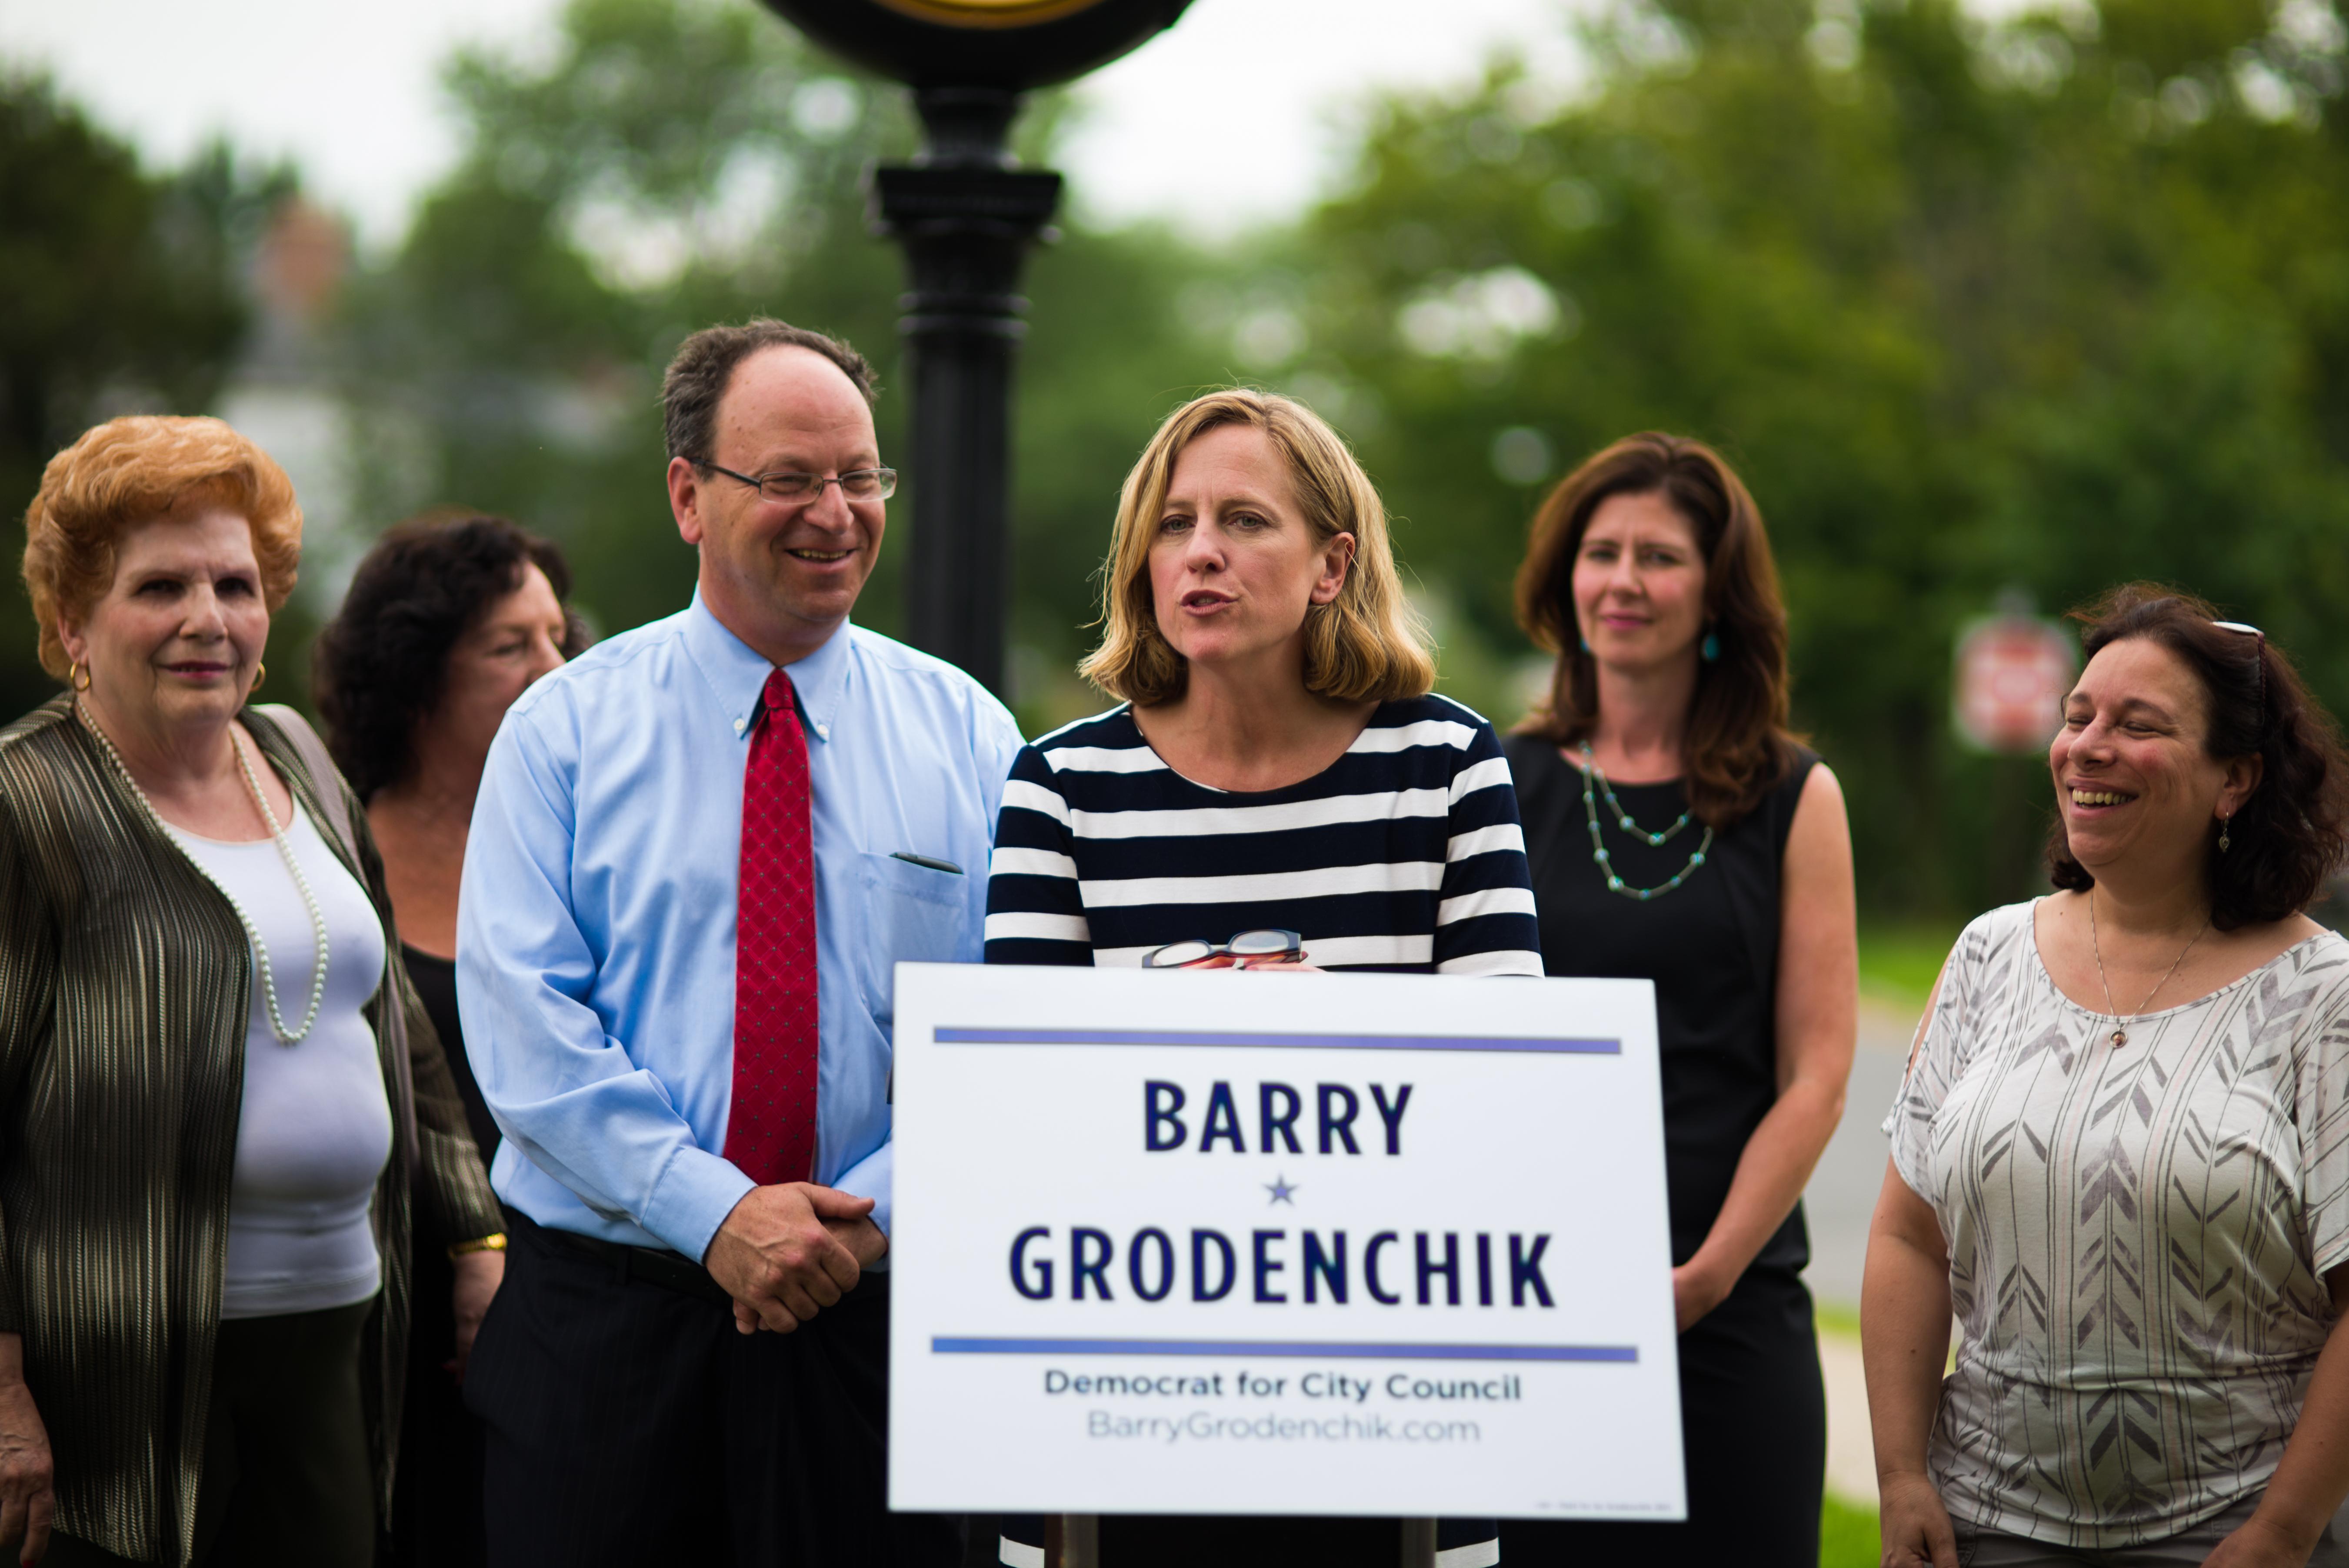 Barry_Women_Endorsement_Pic.jpg